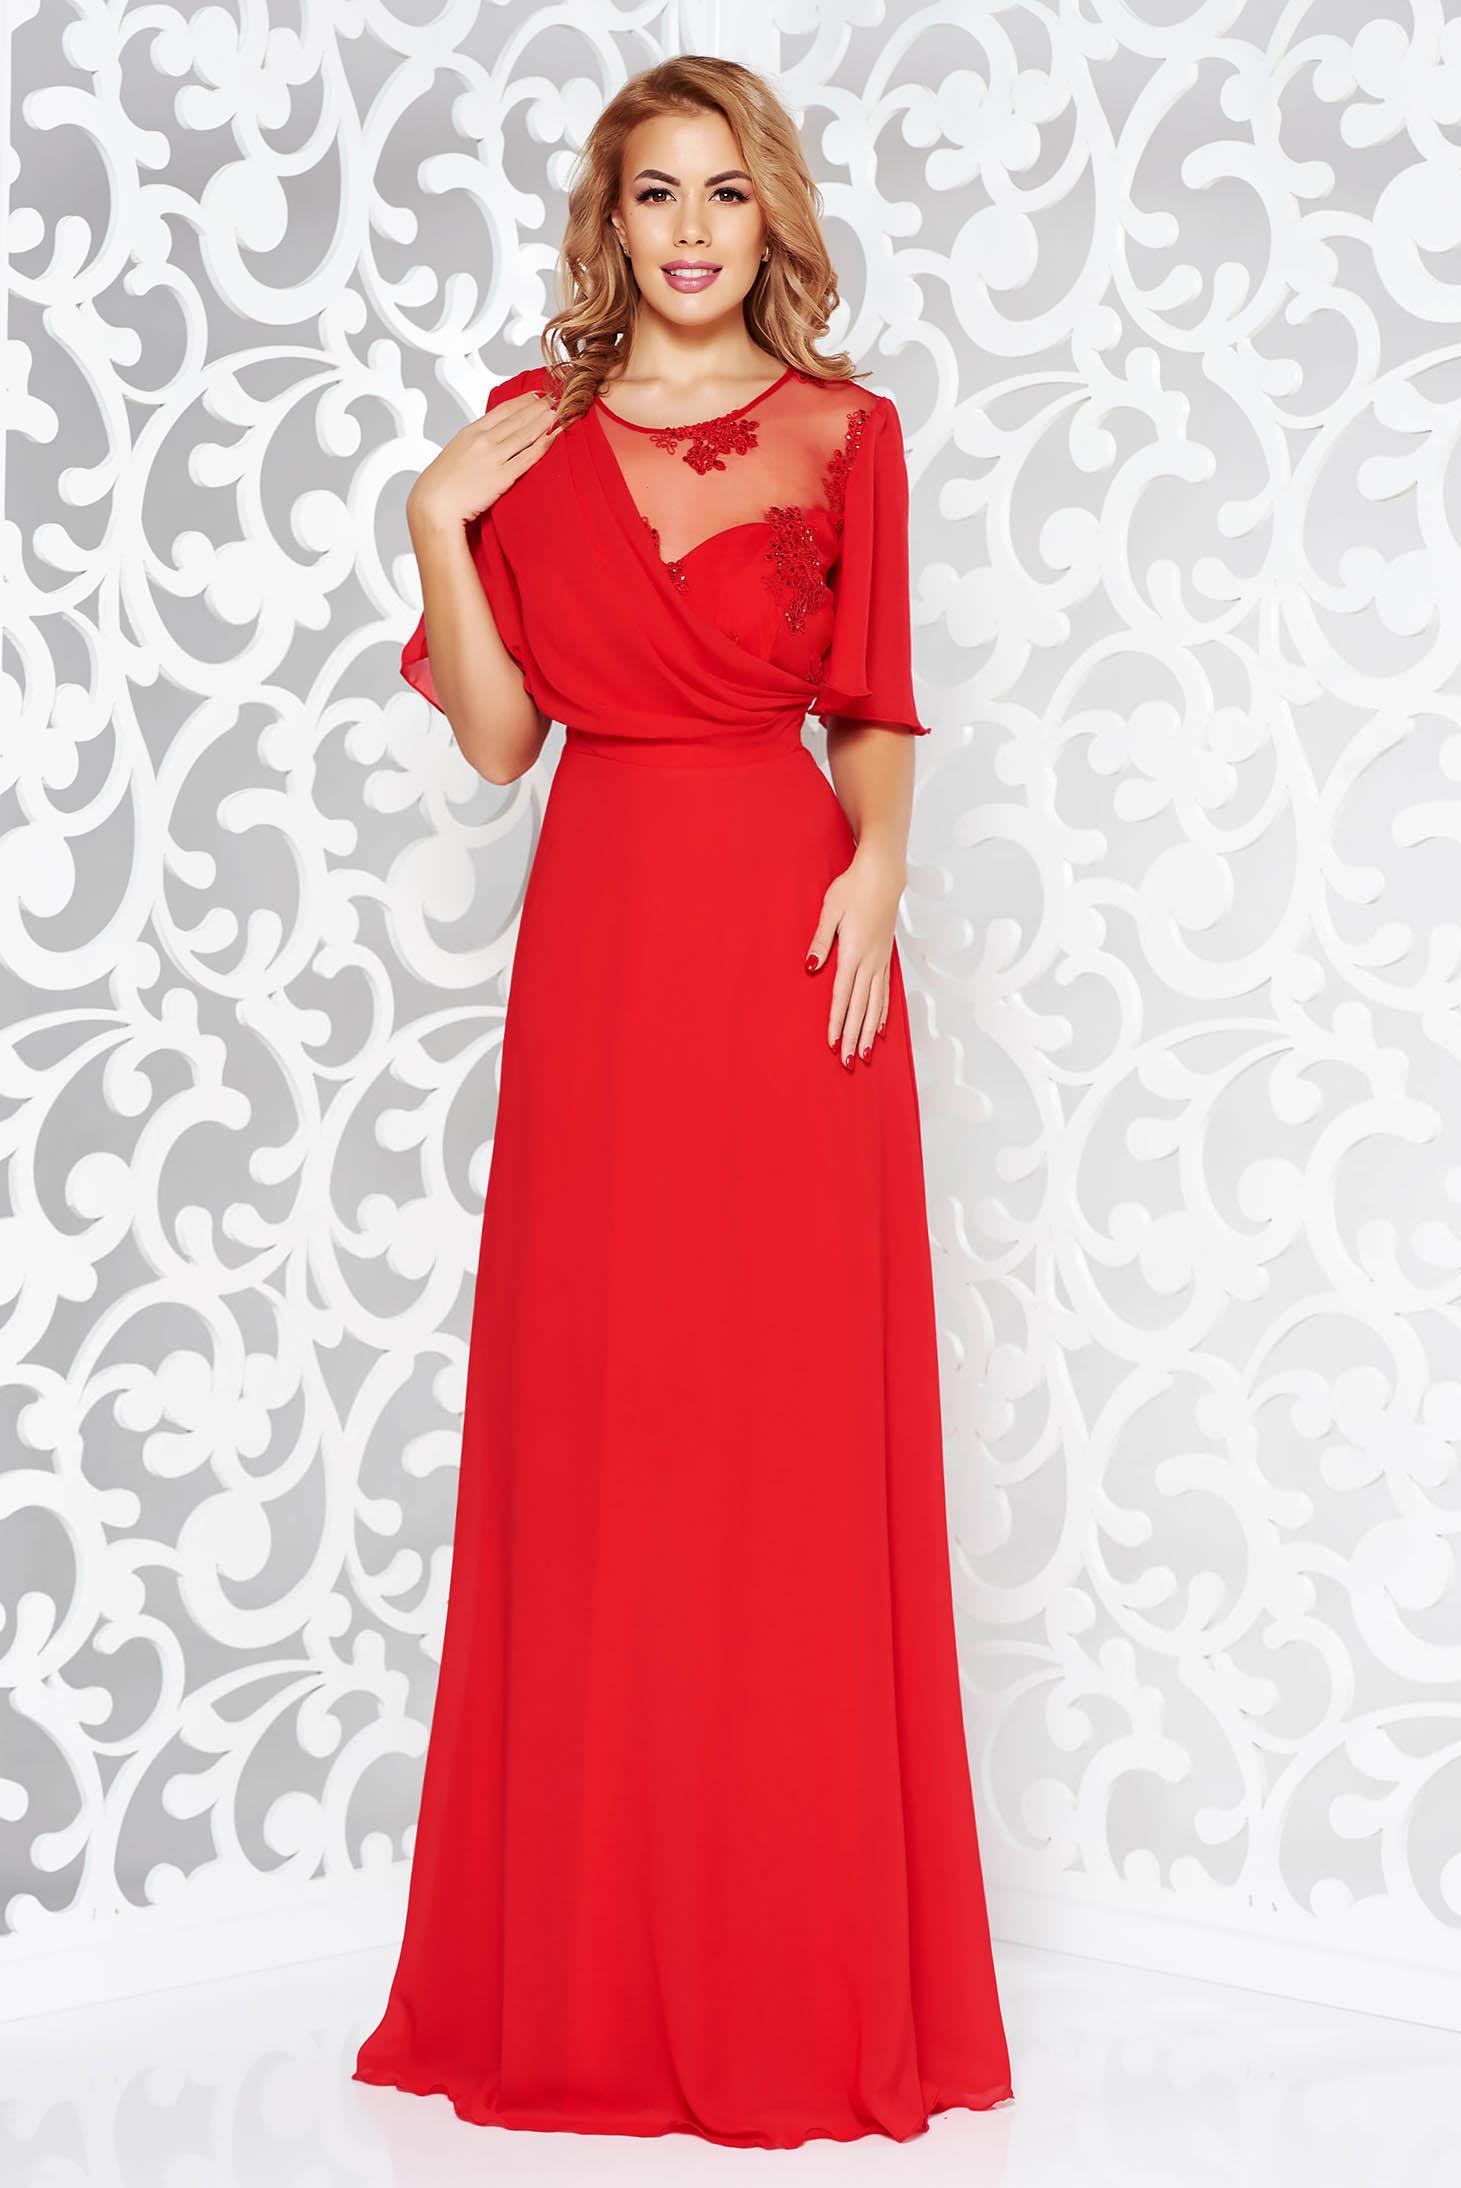 pret nebun cod promoțional stiluri noi Rochie rosie de ocazie lunga in clos din voal cu aplicatii de dantela